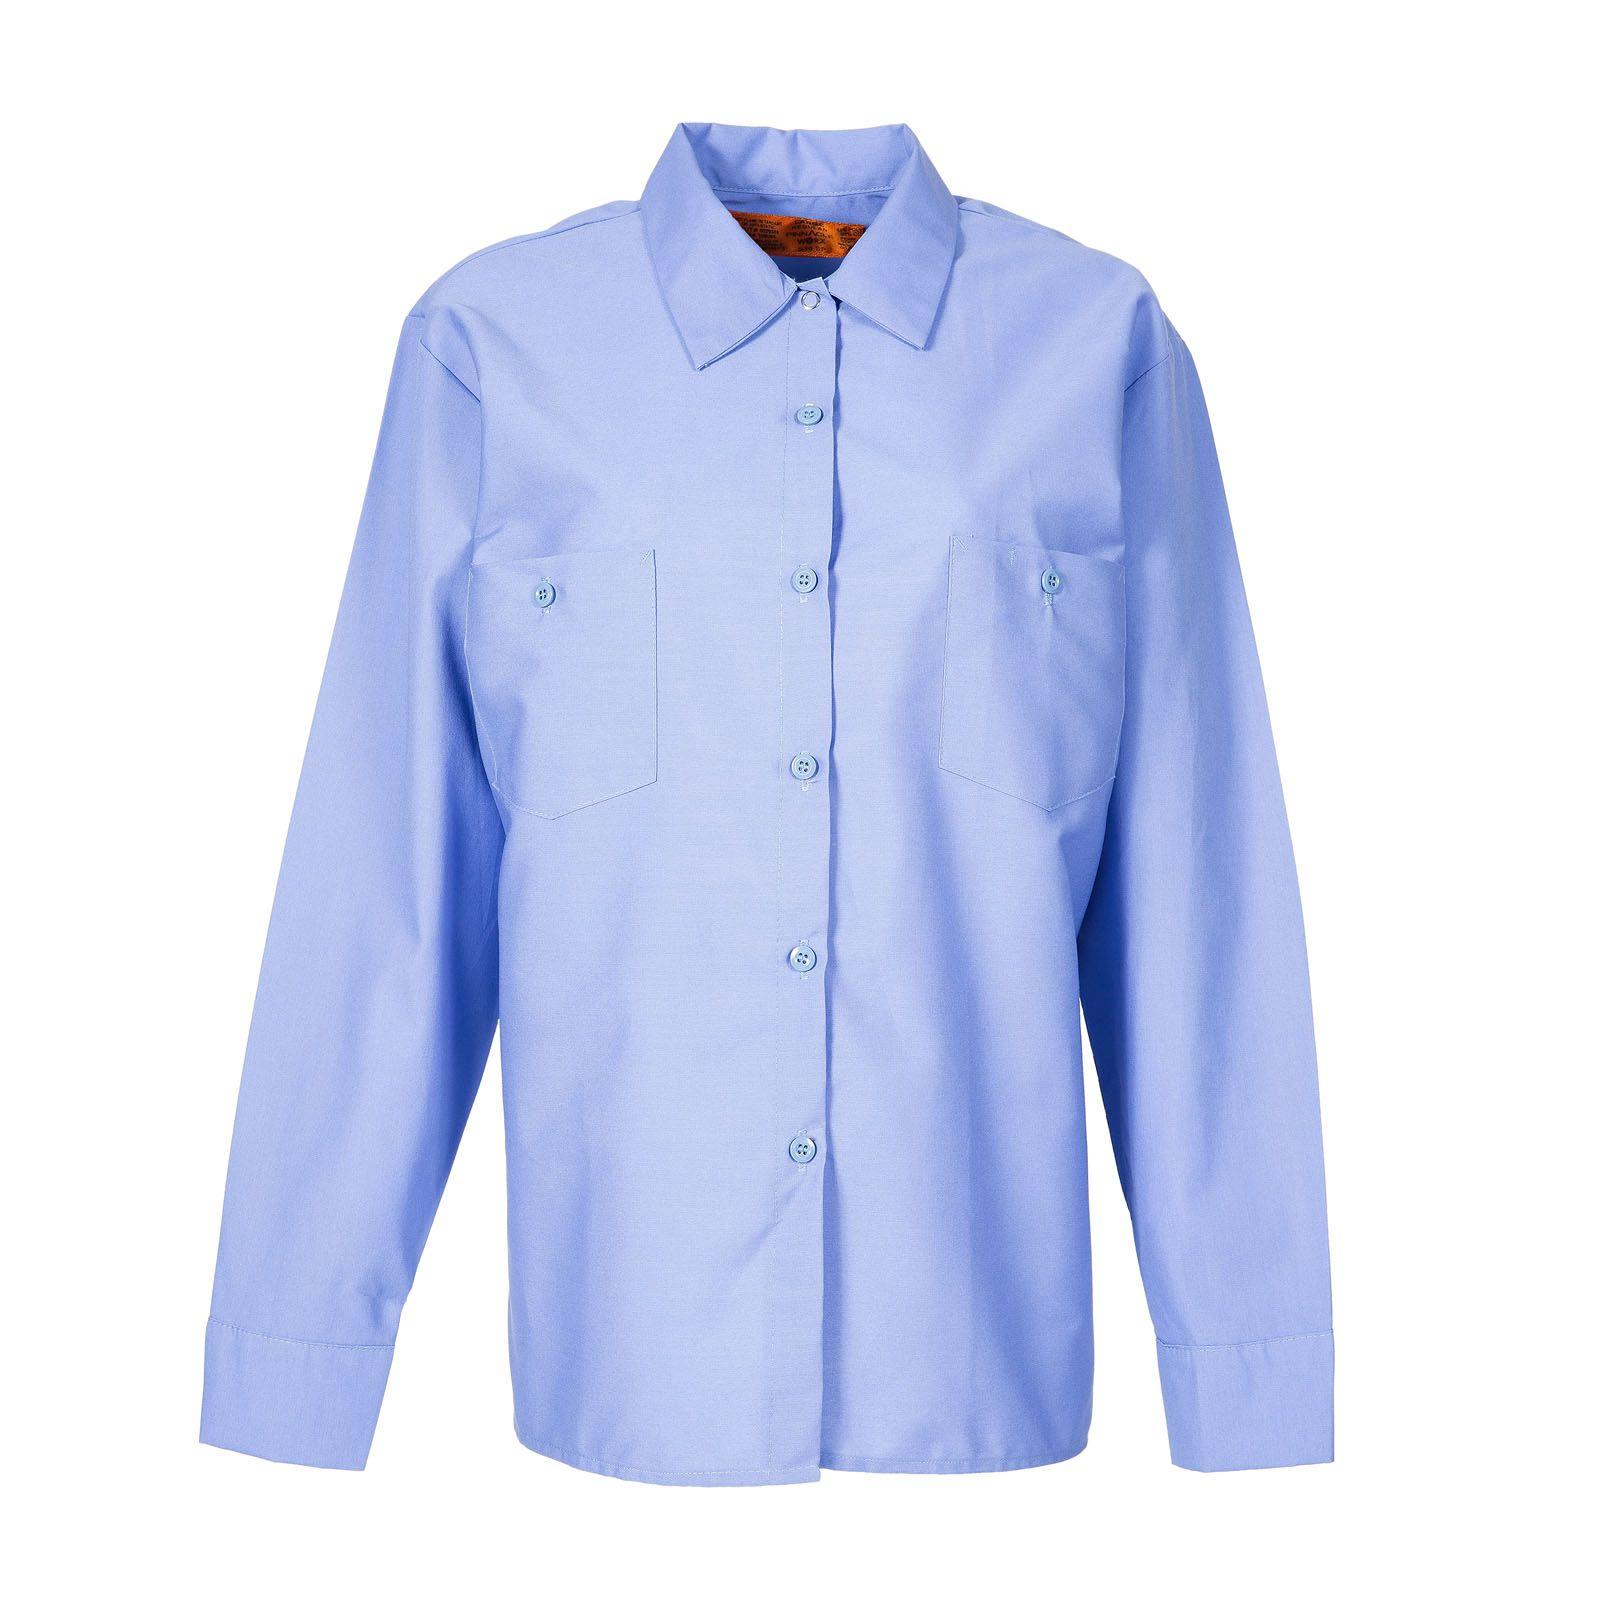 65/35 Women's Industrial Long Sleeve Work Shirt-